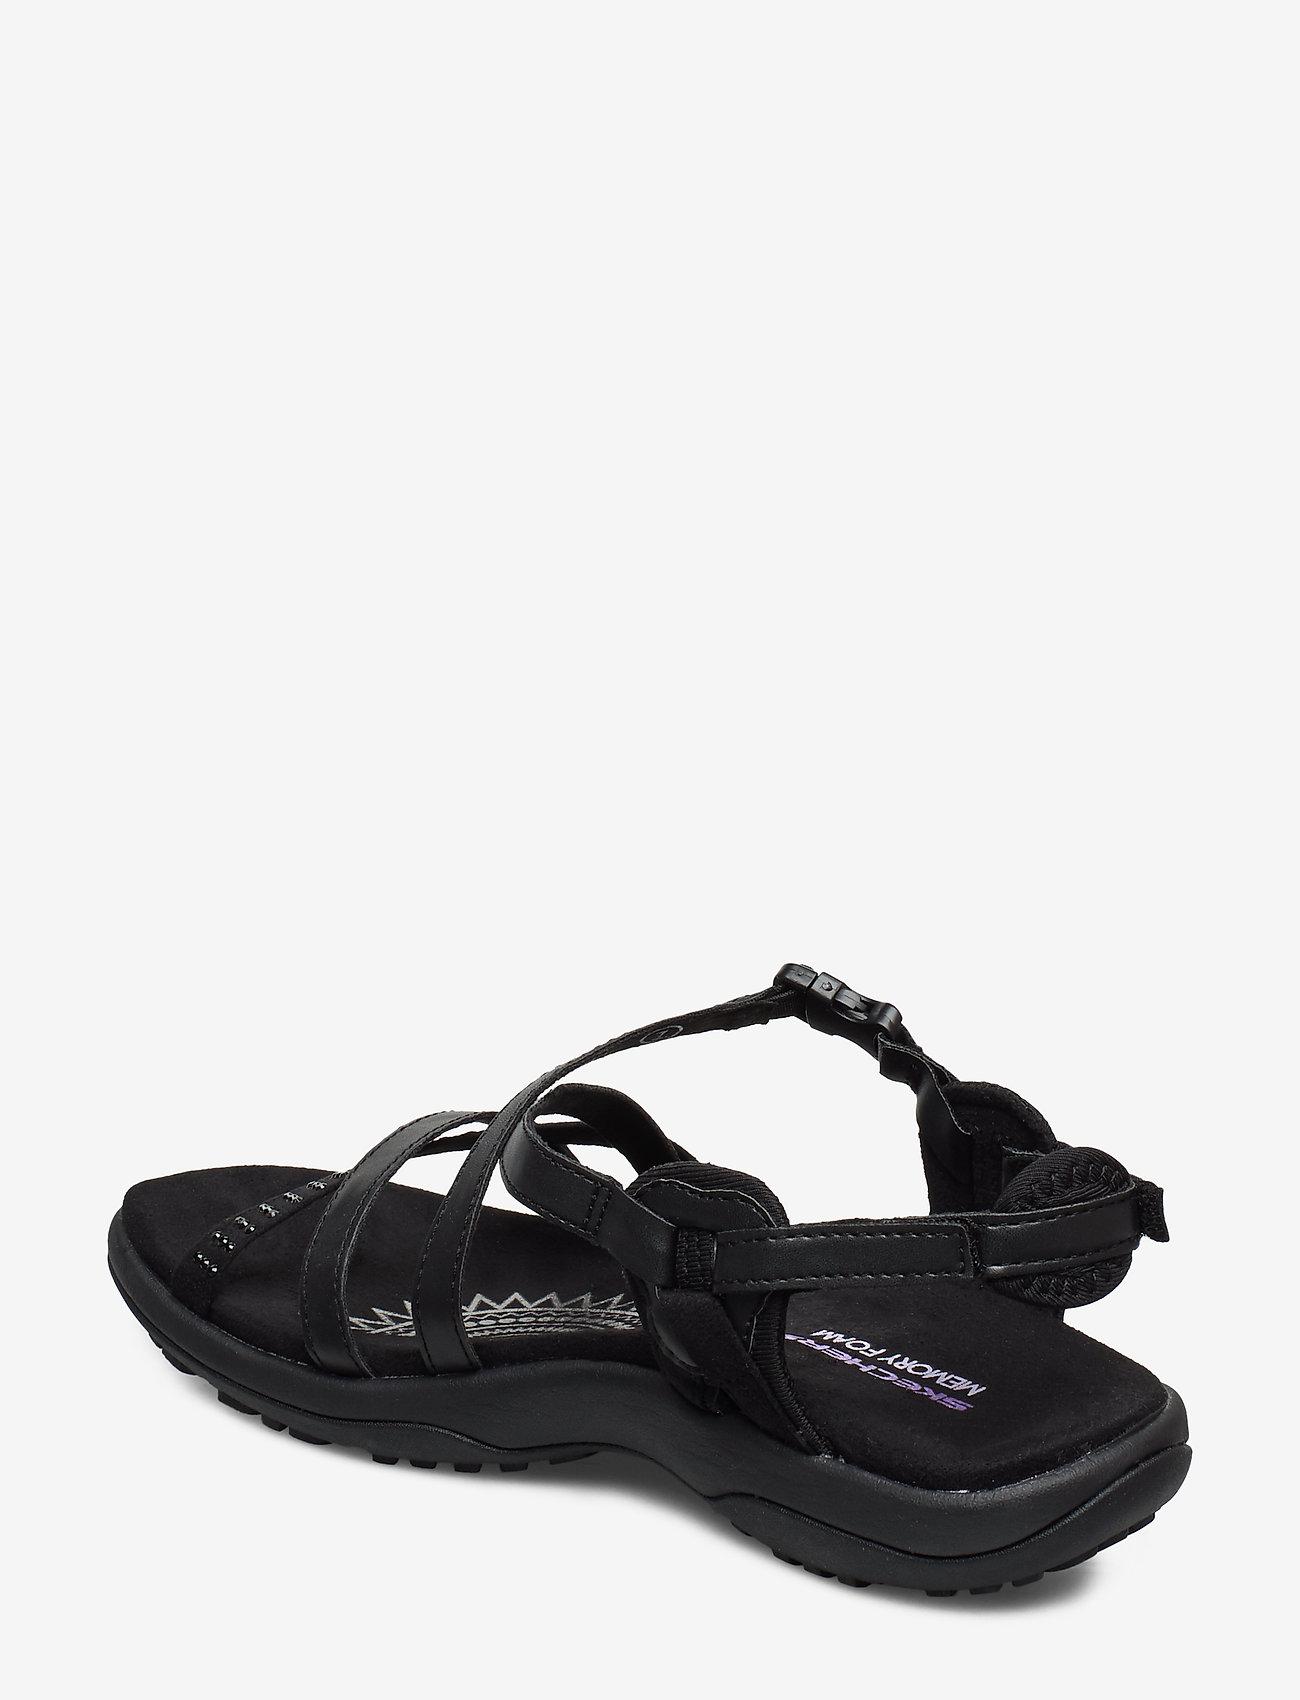 Womens Sandal - Reggae Slim (Bbk Black) - Skechers